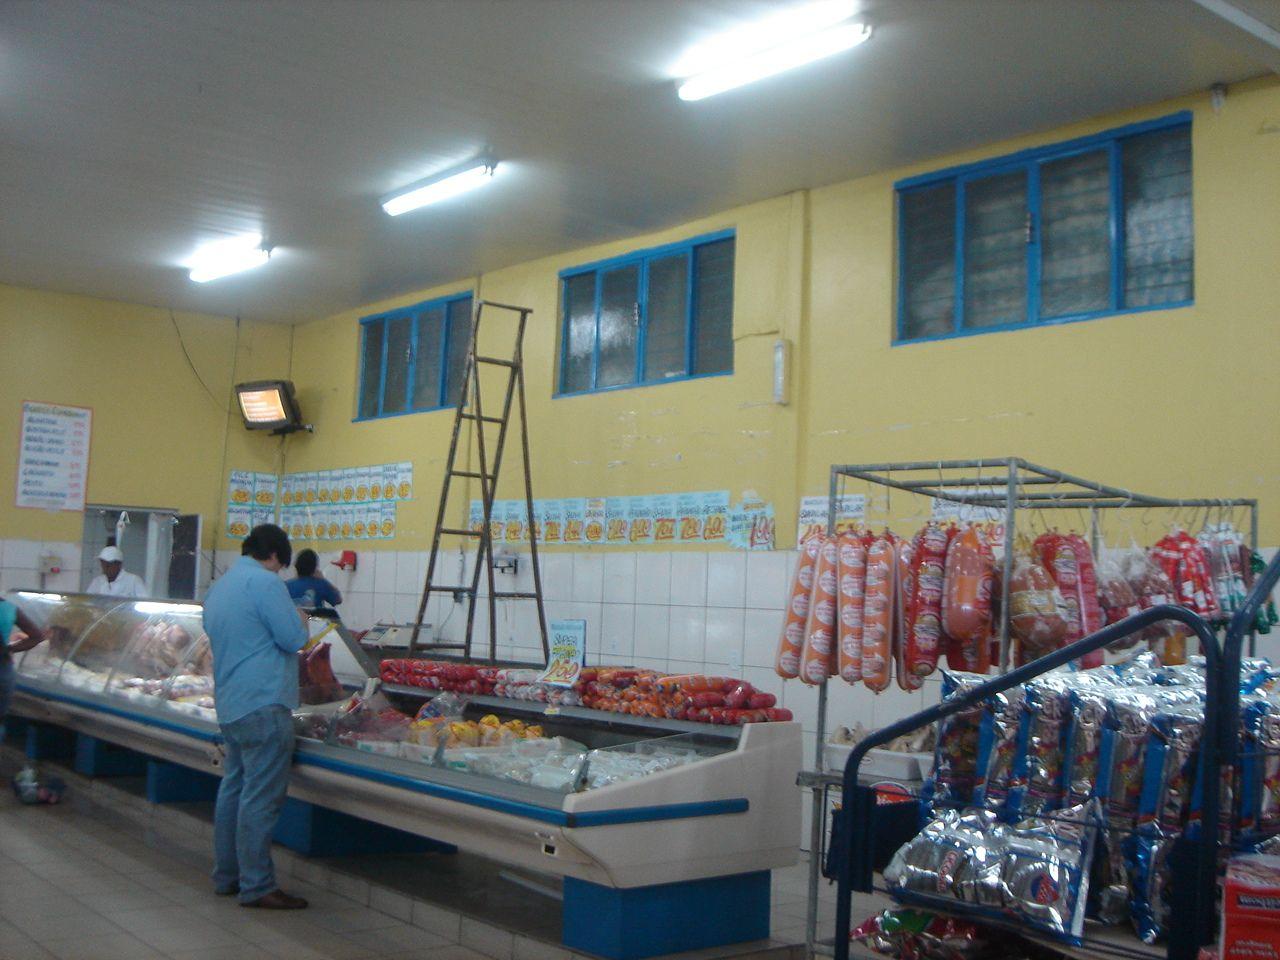 Hipermercado Caçulinha, 2008. Palmas, Tocantins, Brazil.